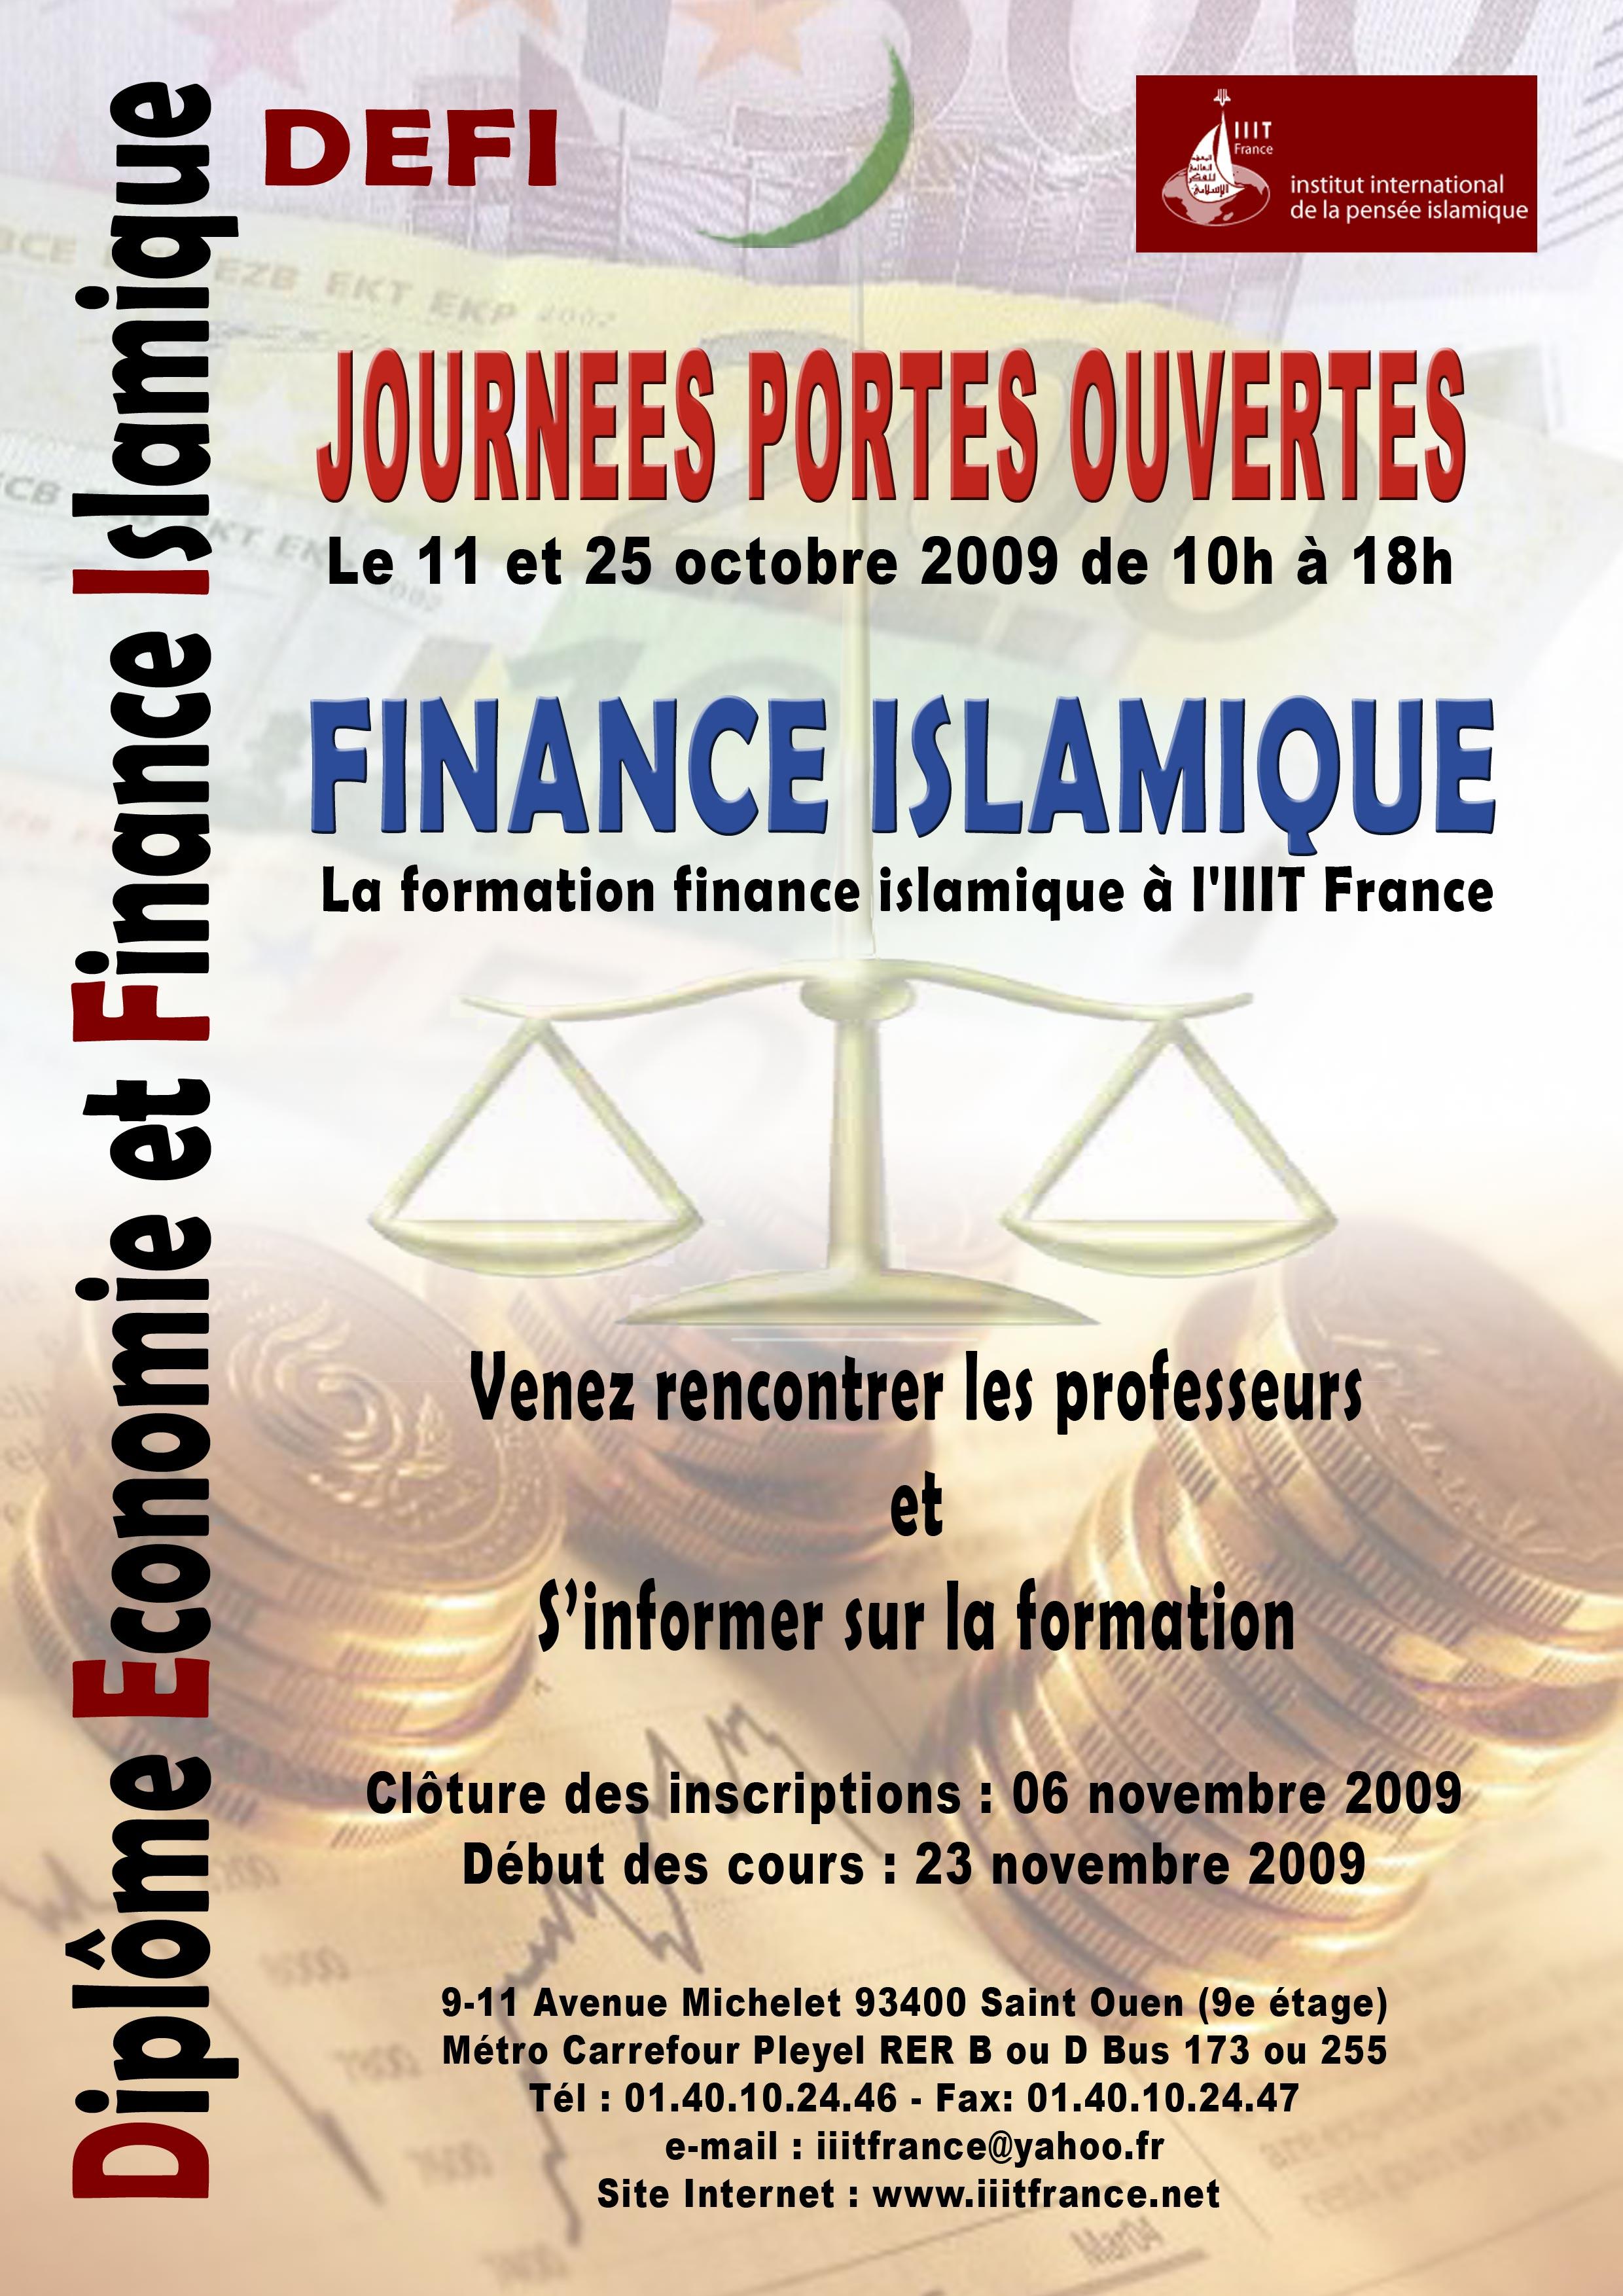 Panorama de la formation initiale professionnelle au pays - Credit islamique en france ...